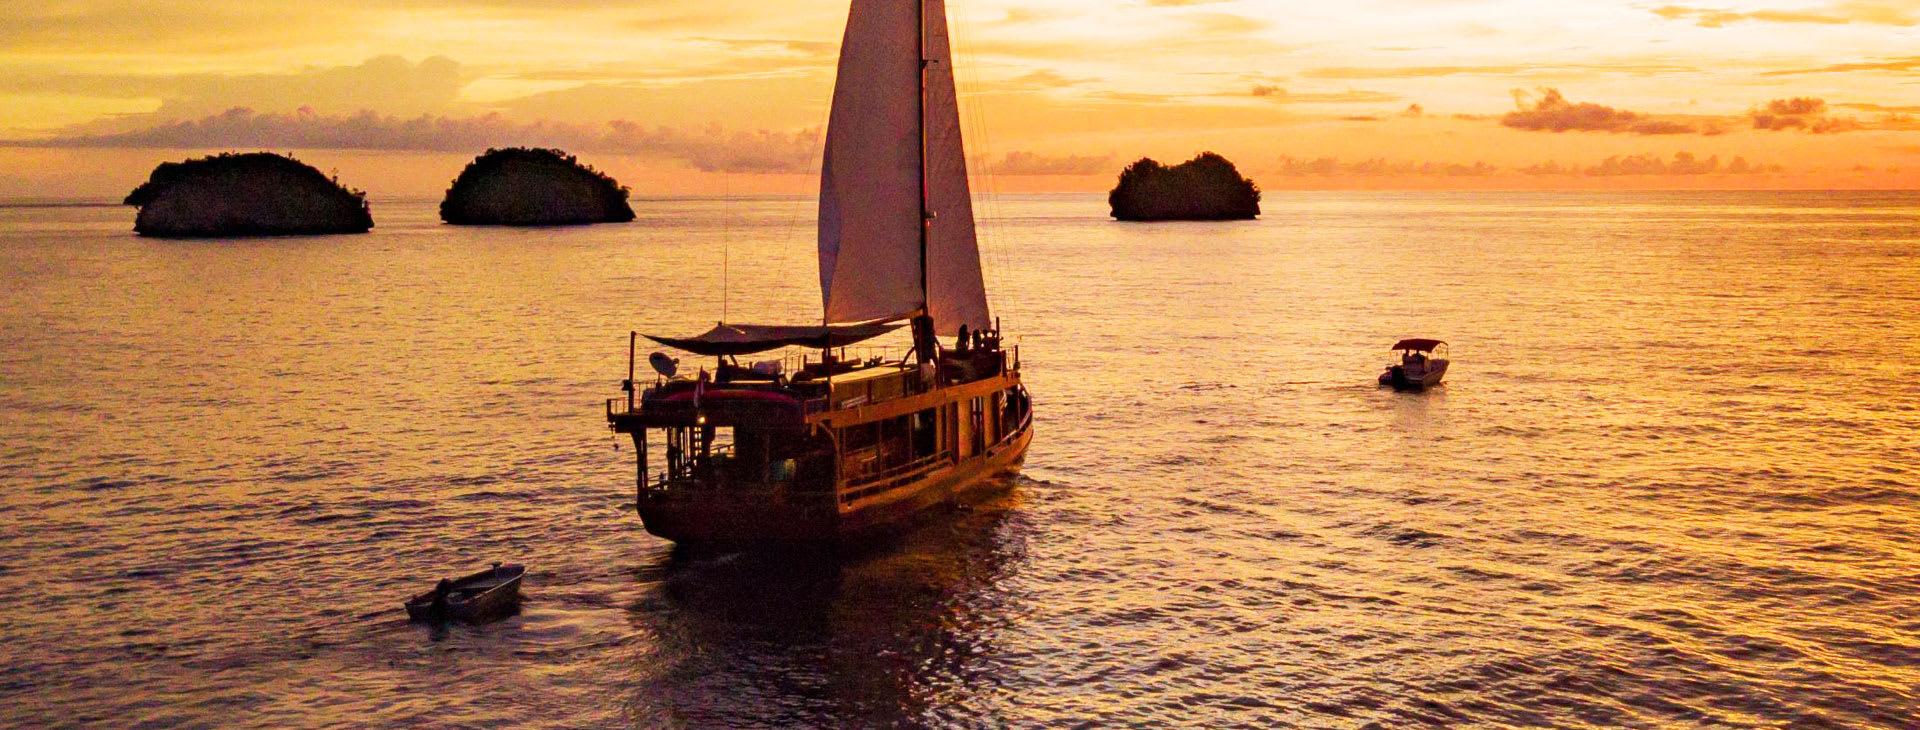 Sailing ship at sunset